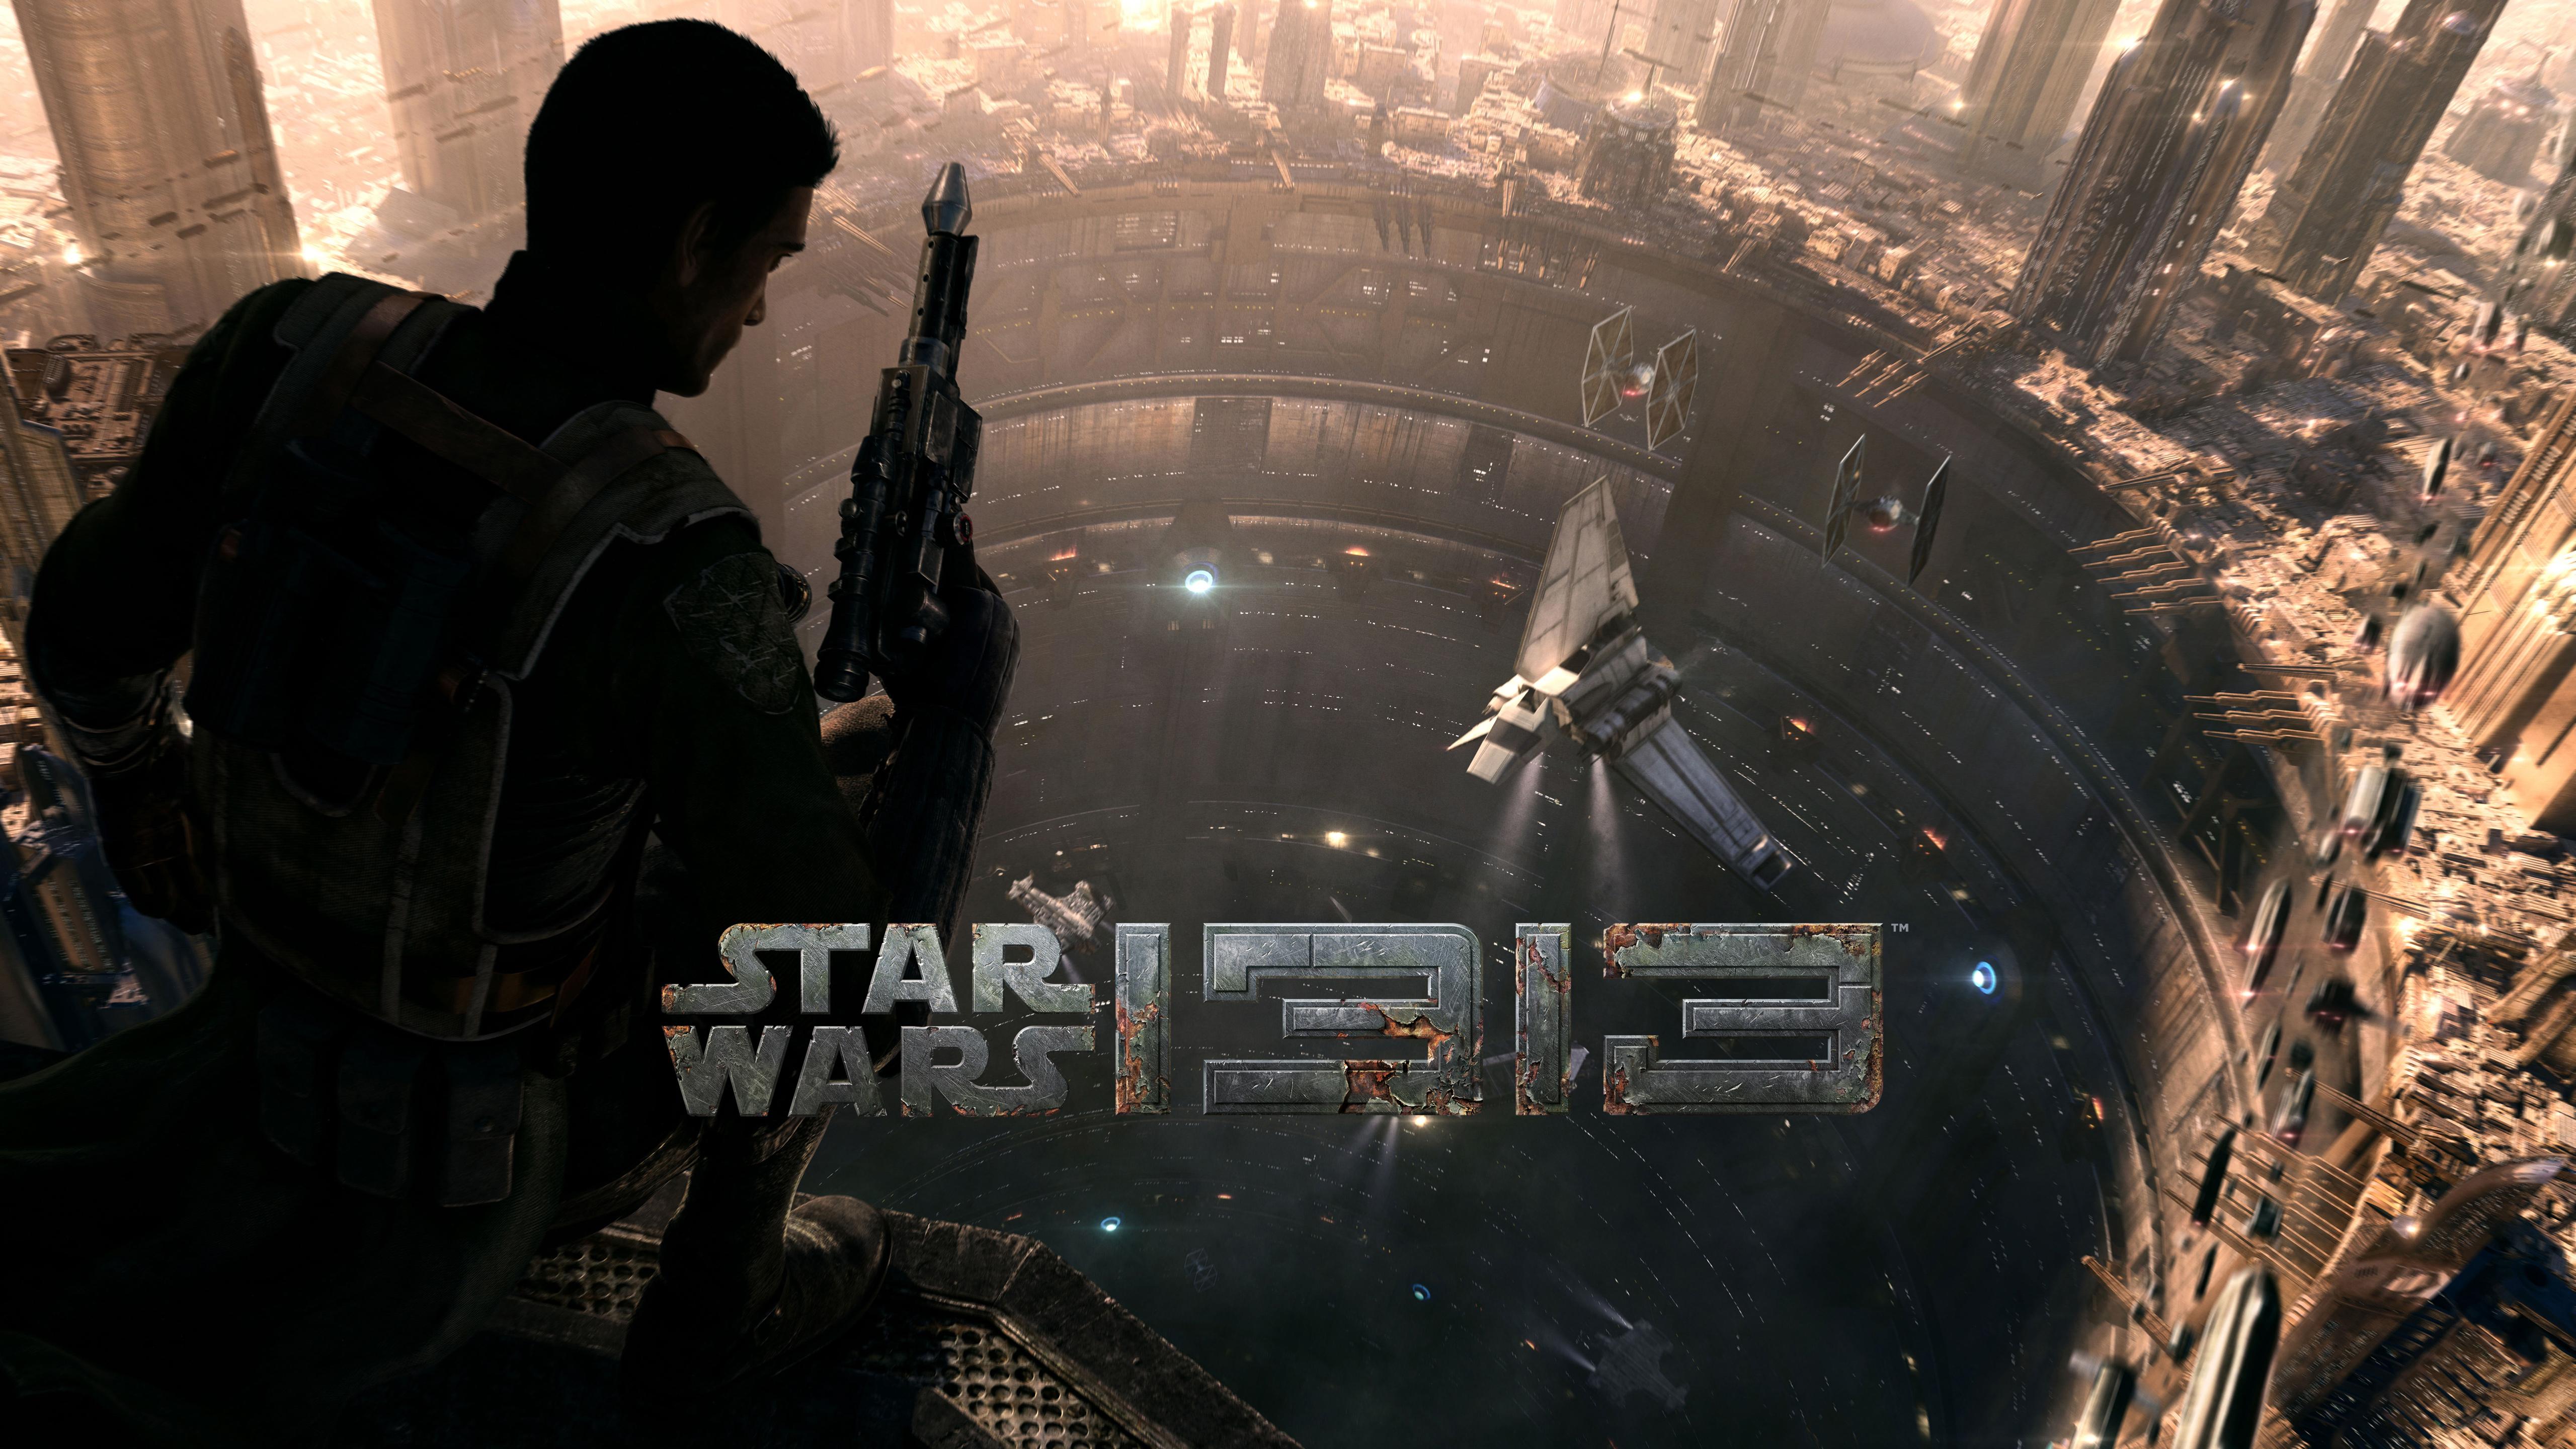 Звездные войны игра 1313. обои скачать